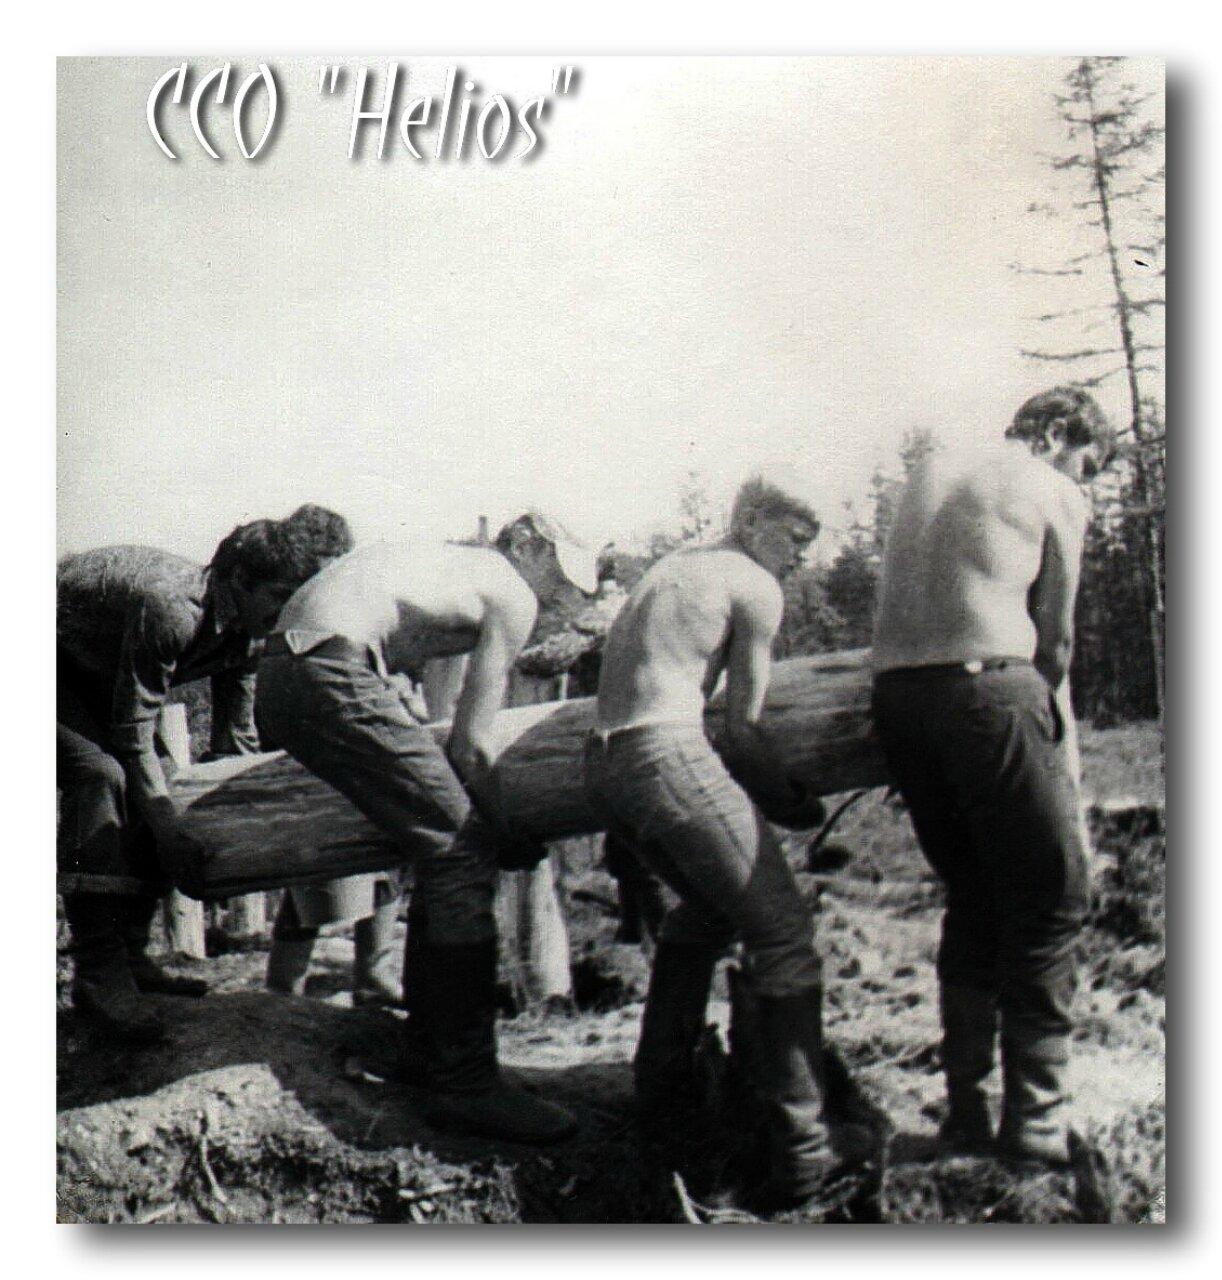 08. Лето 1974 года. Студенческий Строительный Отряд Гелиос